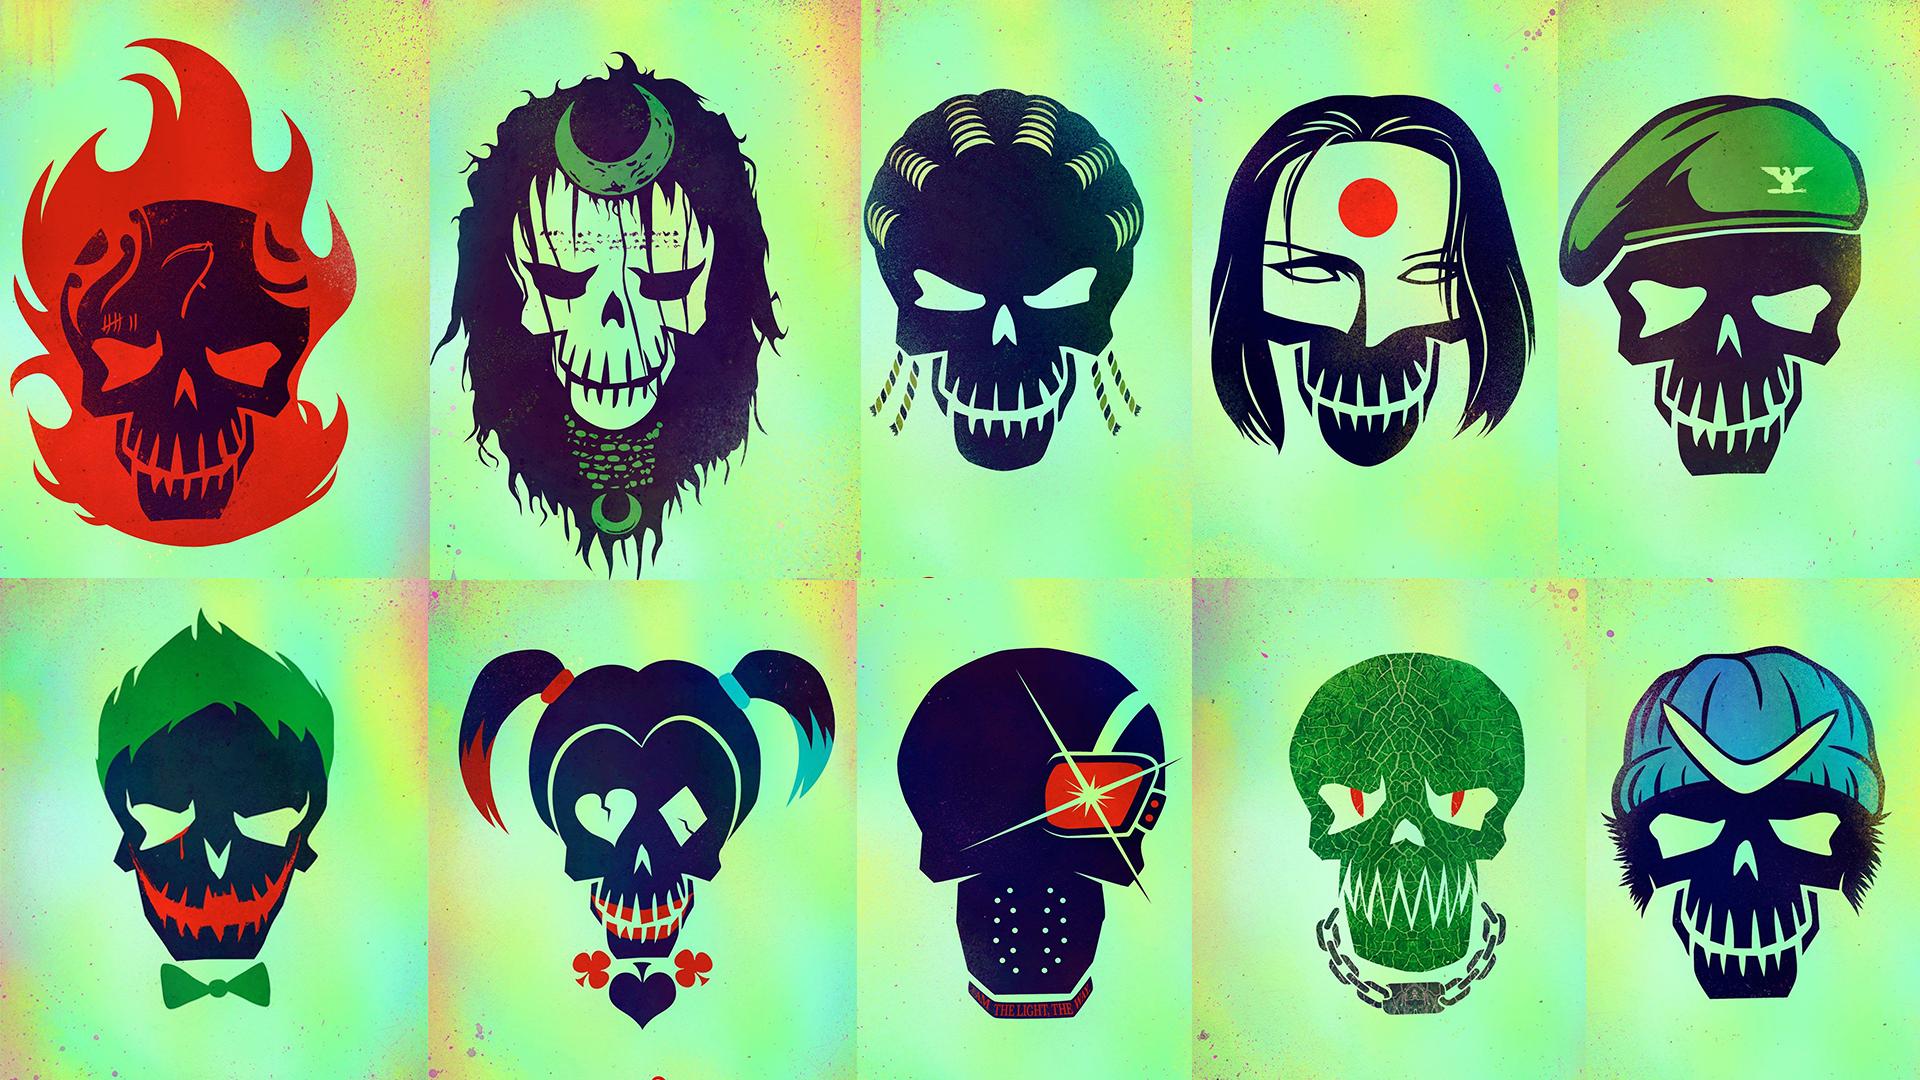 Suicide Squad Actors Desktop Wallpaper 1152 1920x1080 px 1920x1080